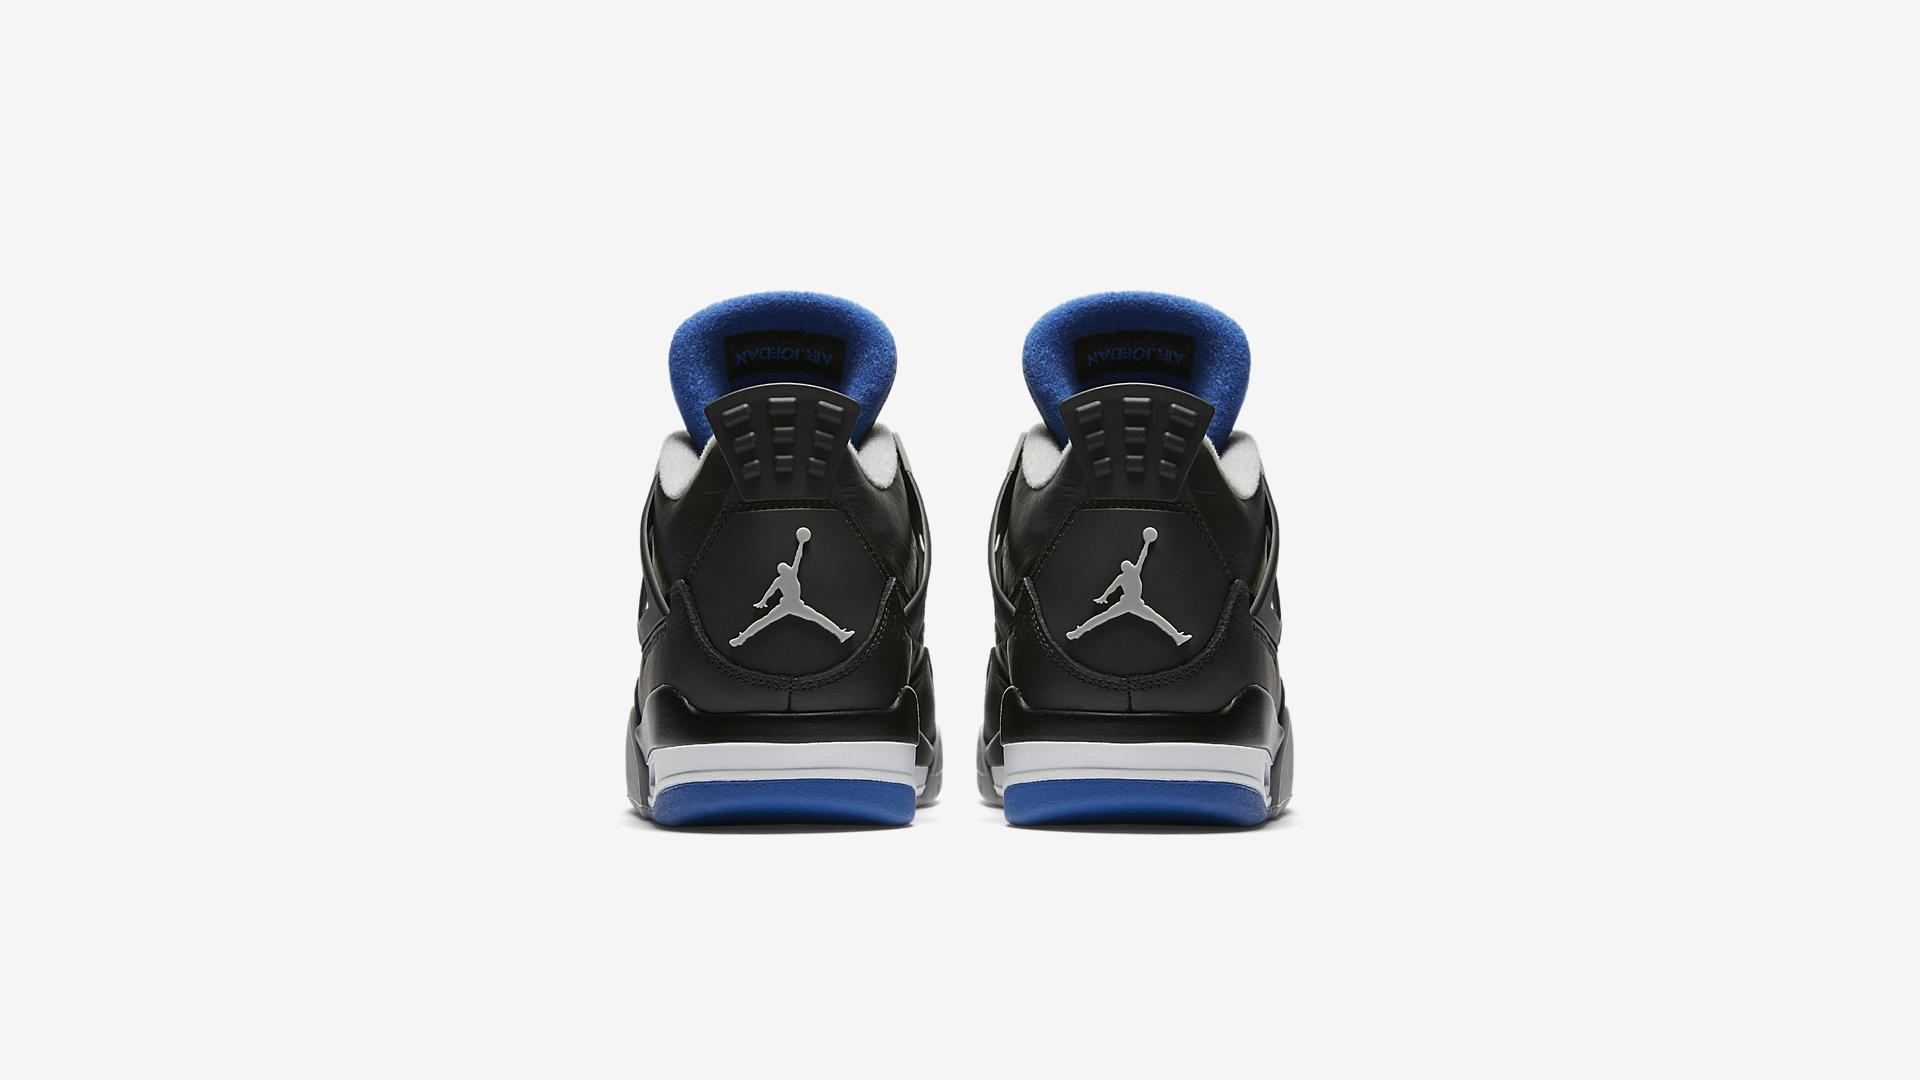 Air Jordan 4 Retro Motorsport Away 308497 006 2